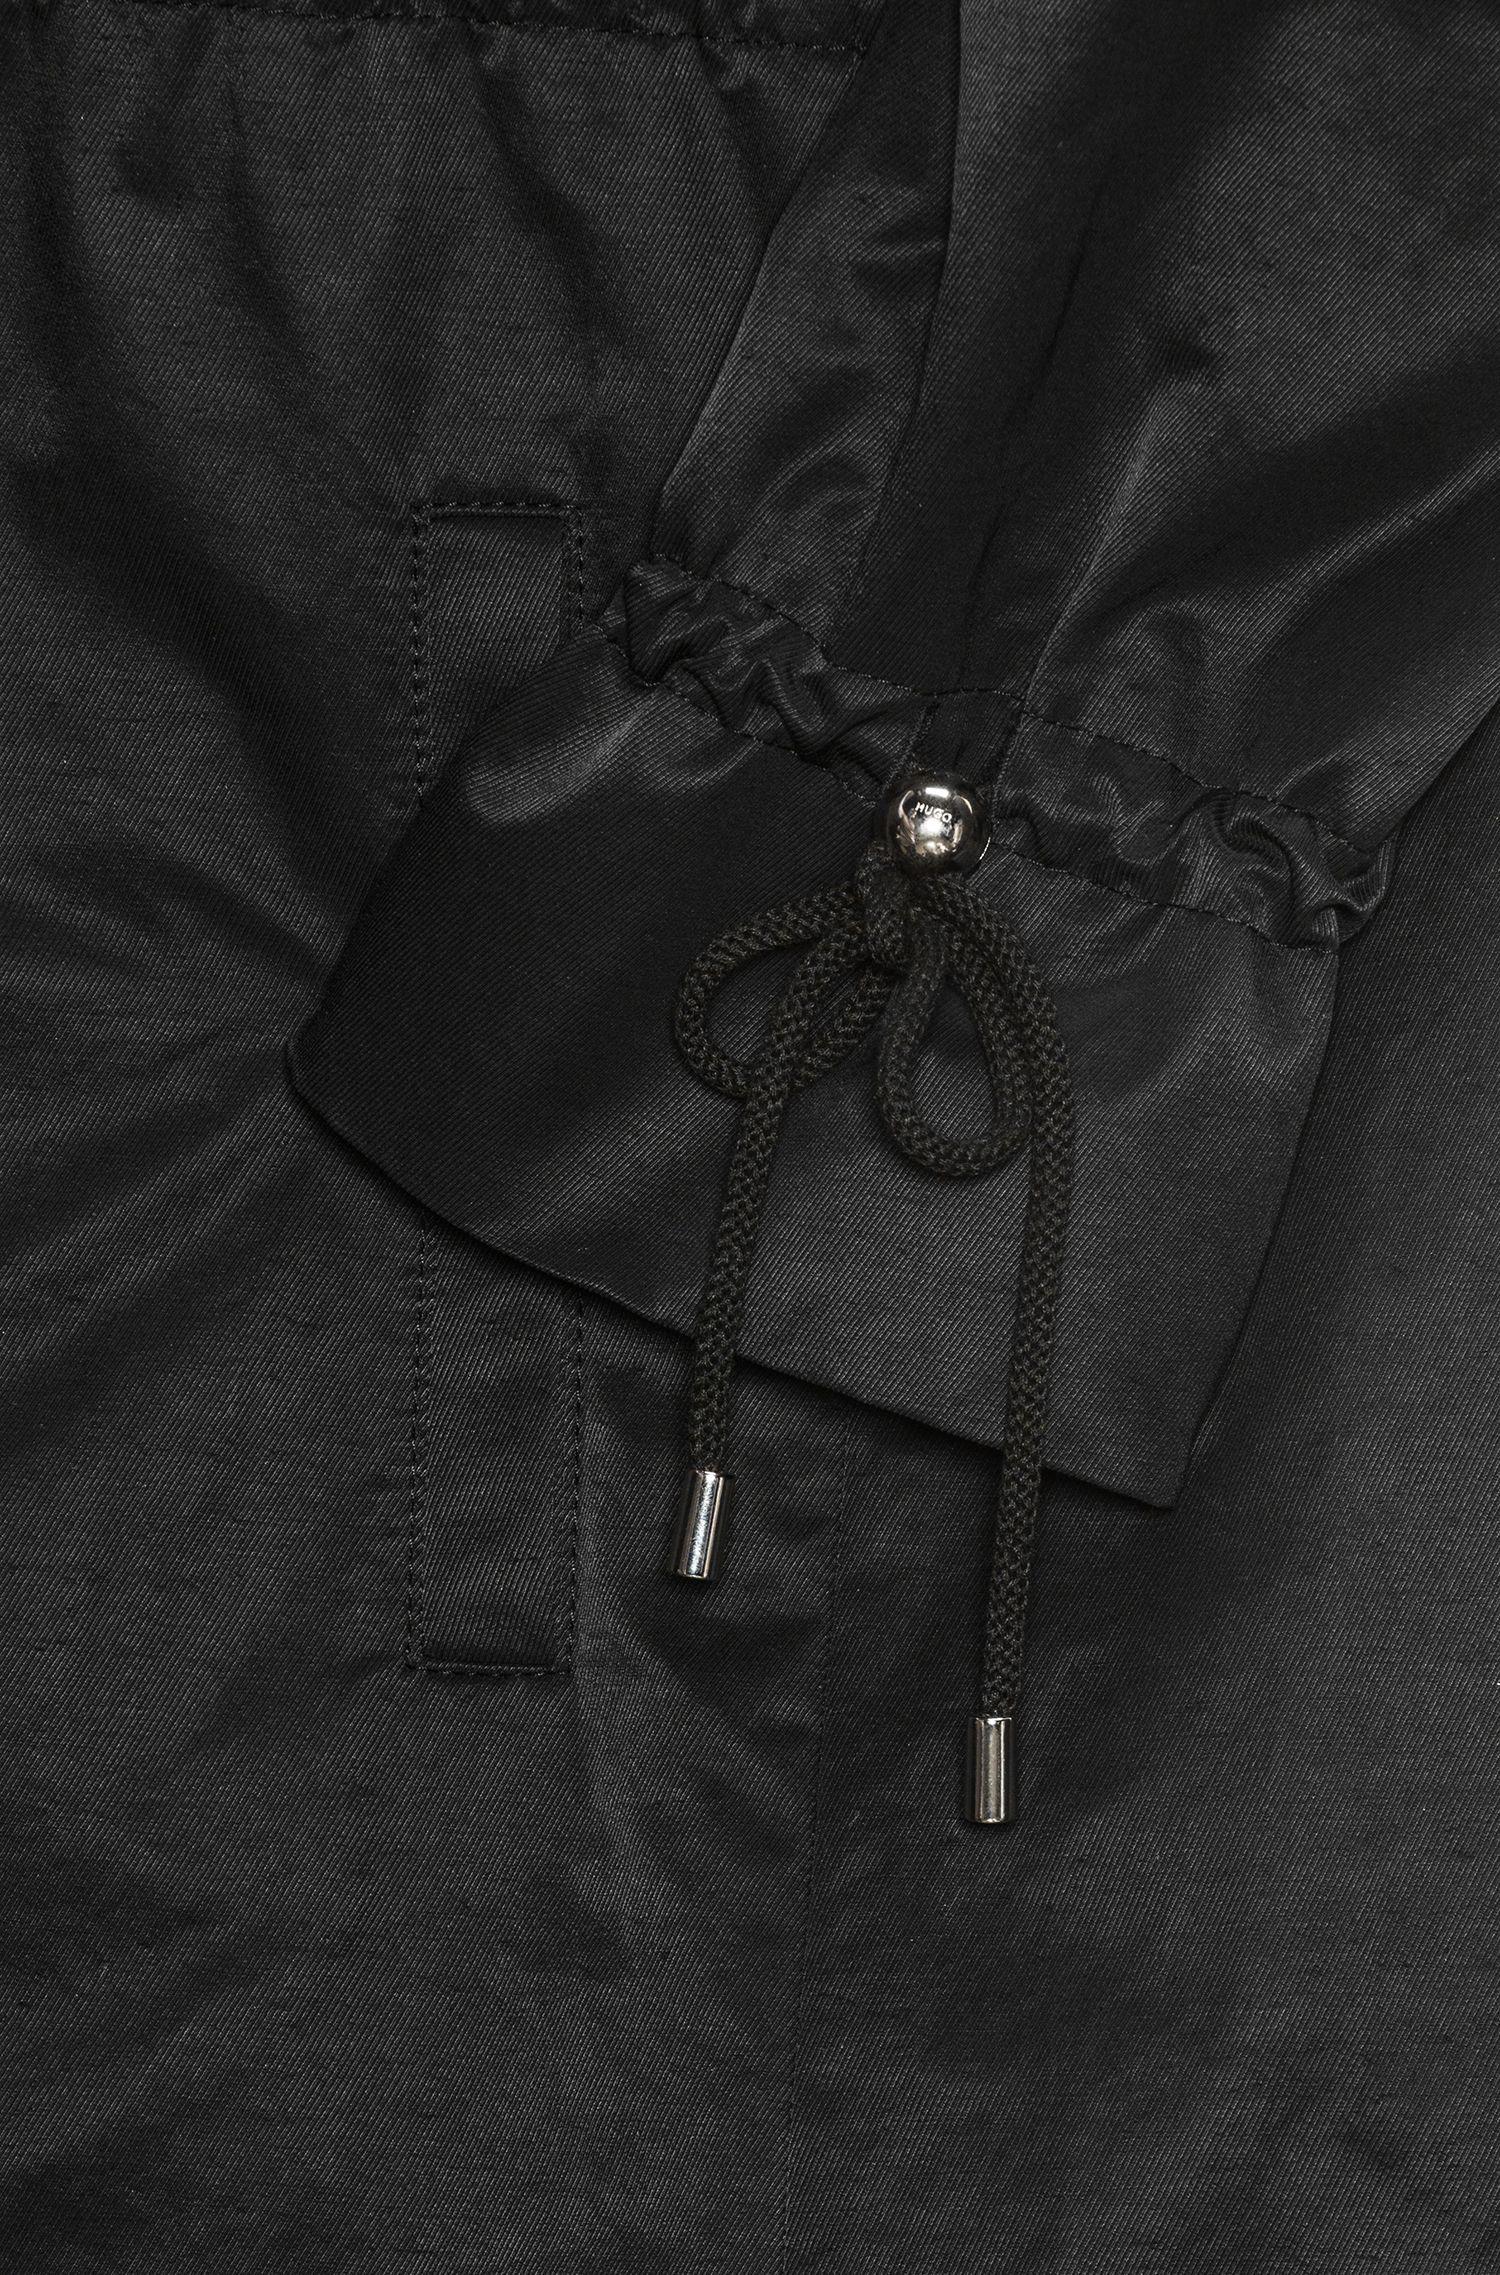 Waterafstotende trenchcoat van een katoenmix met mouwen met trekkoord